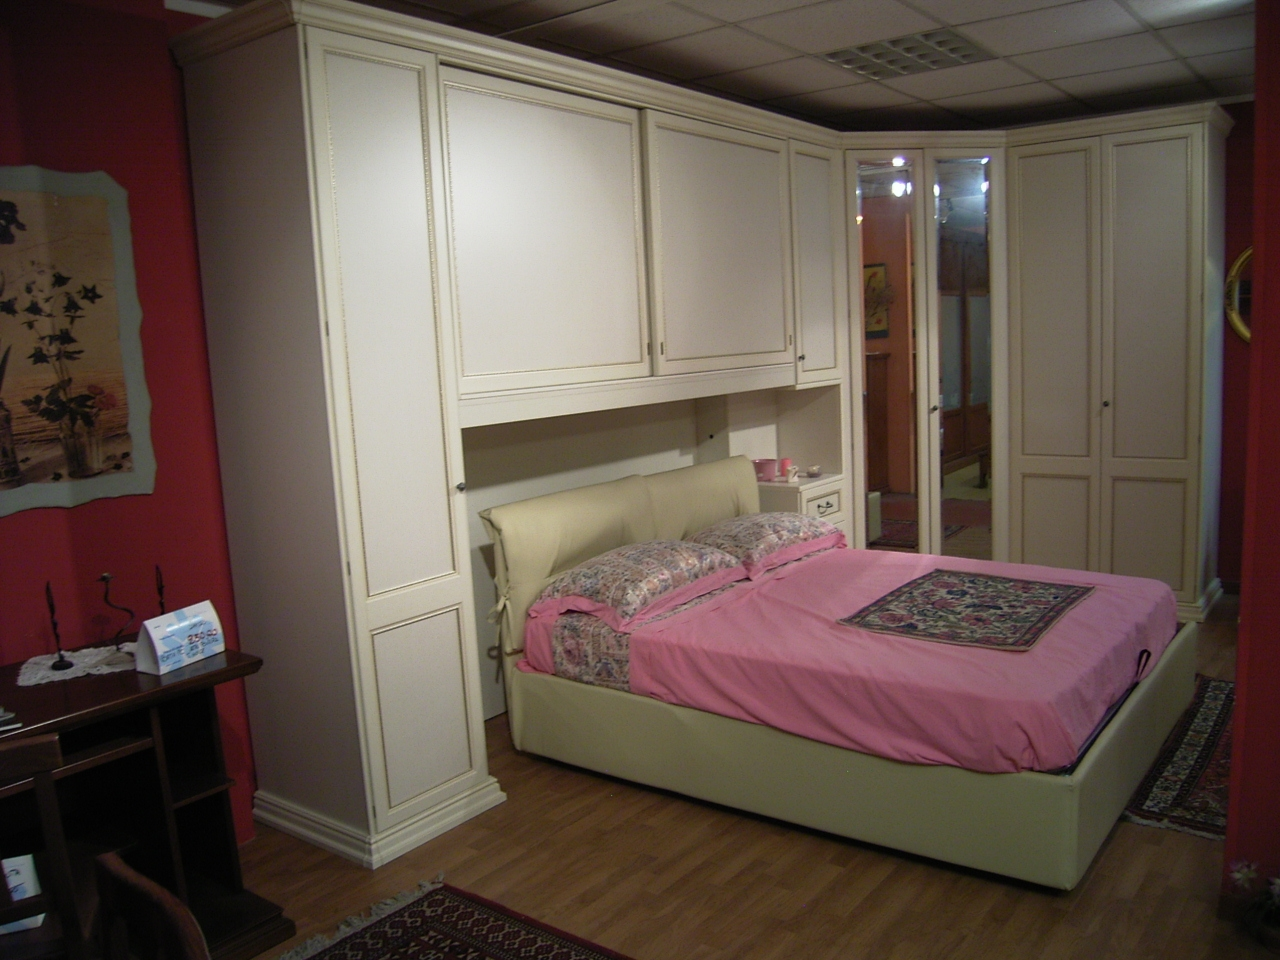 Armadio ponte cabina scontato camere a prezzi scontati - Camere da letto con cabina armadio angolare ...